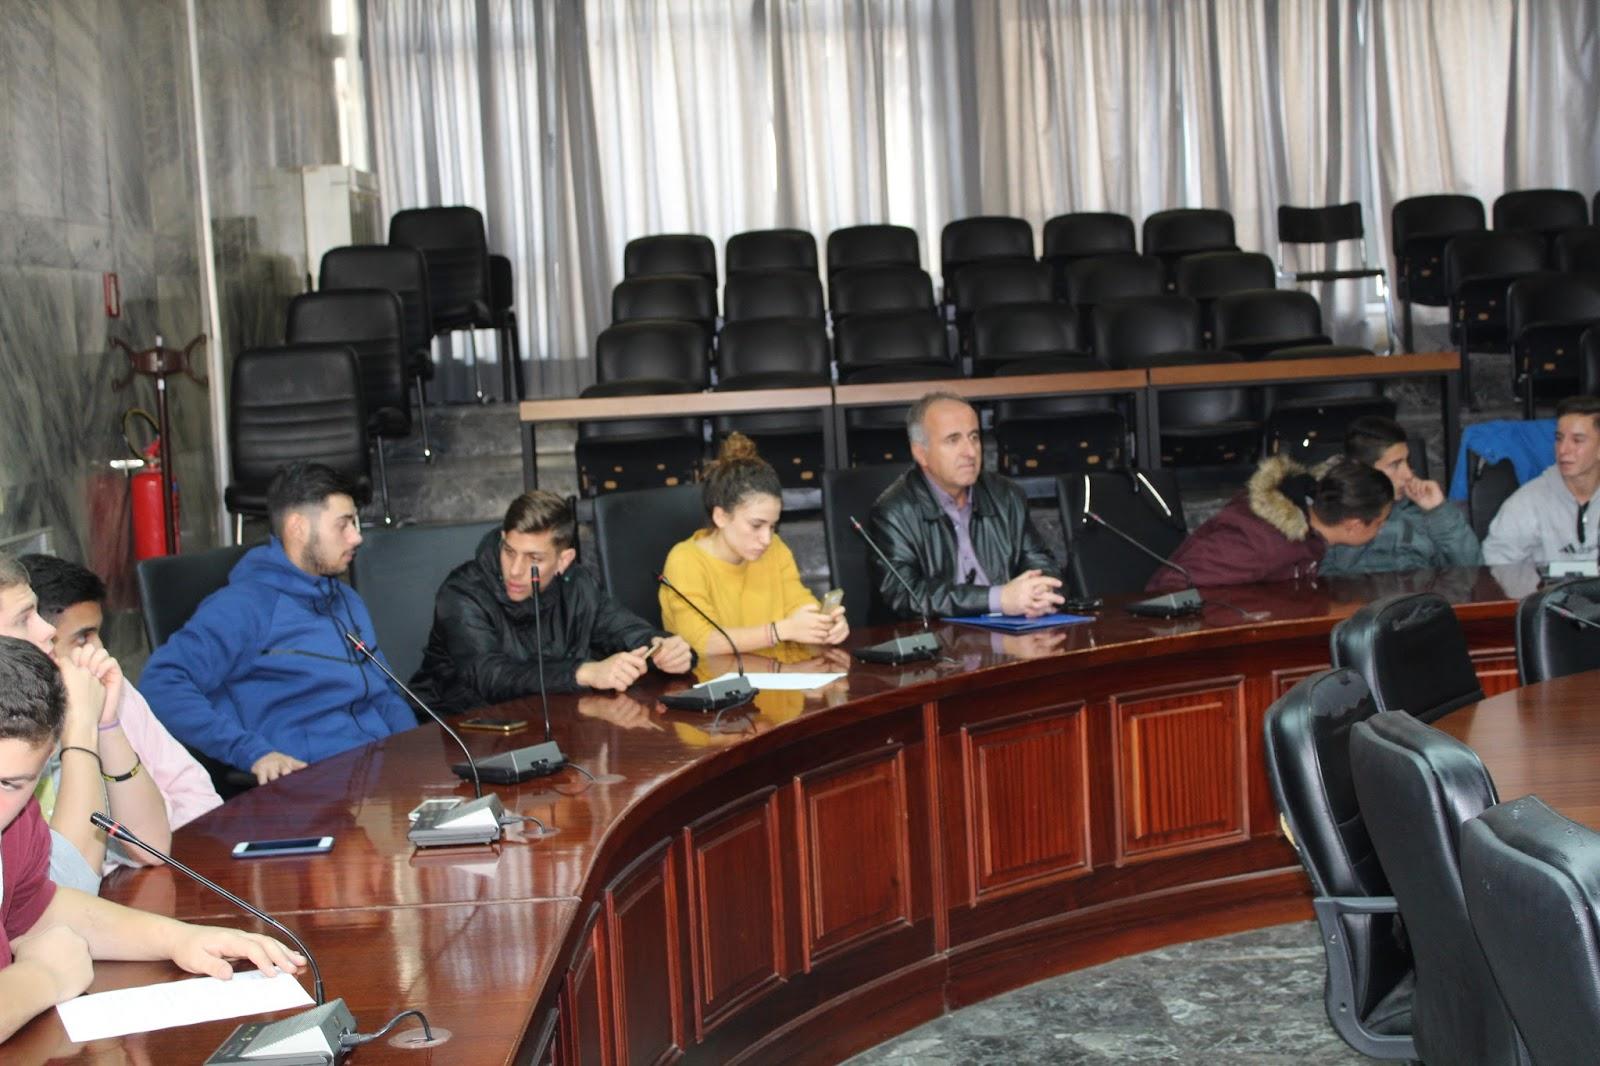 Συνάντηση φορέων και μαθητικών συμβουλίων στο Δήμο Λαρισαίων για την επέτειο του Πολυτεχνείου (ΦΩΤΟ)